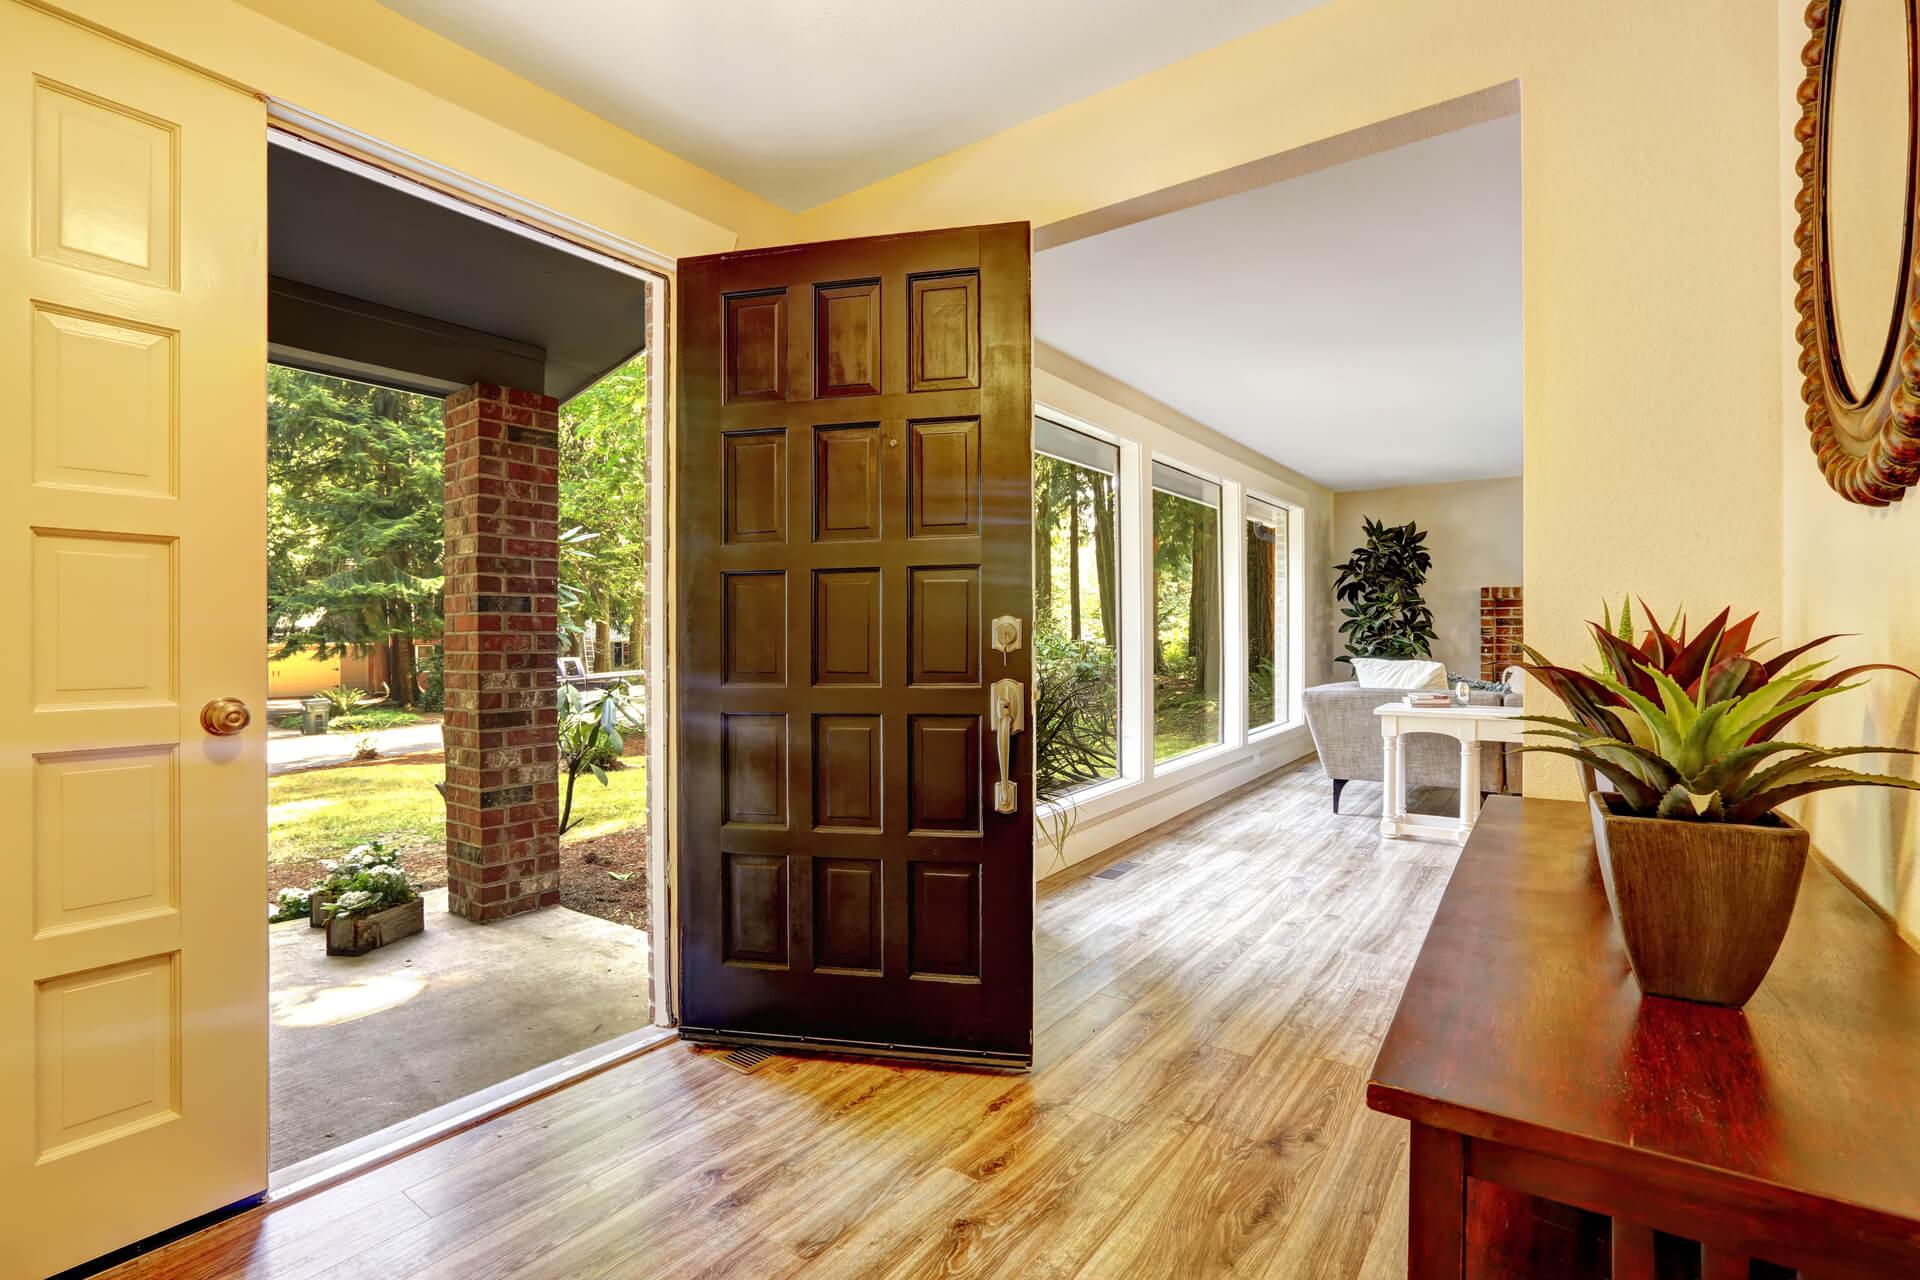 Come scegliere le porte d'ingresso blindate più adatte alla casa